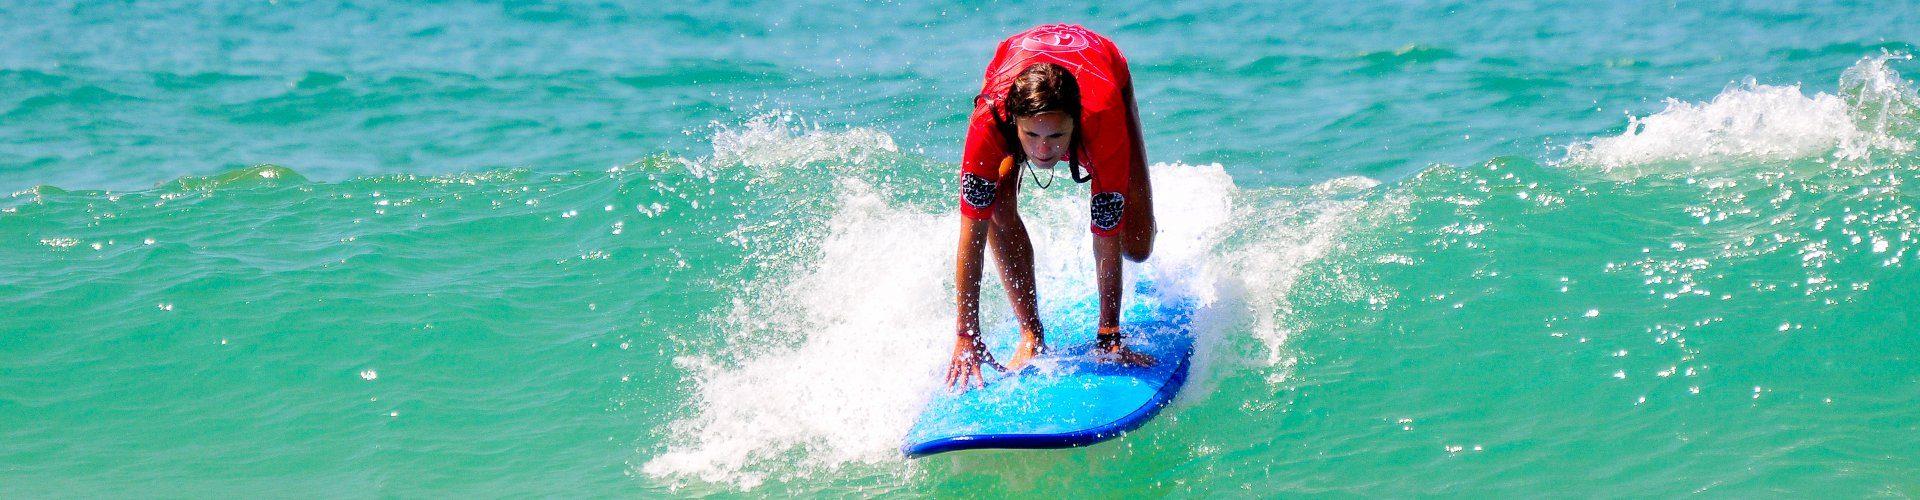 aprendiendo a surfear en un dia soleado en Francia con Planet Surf Camps